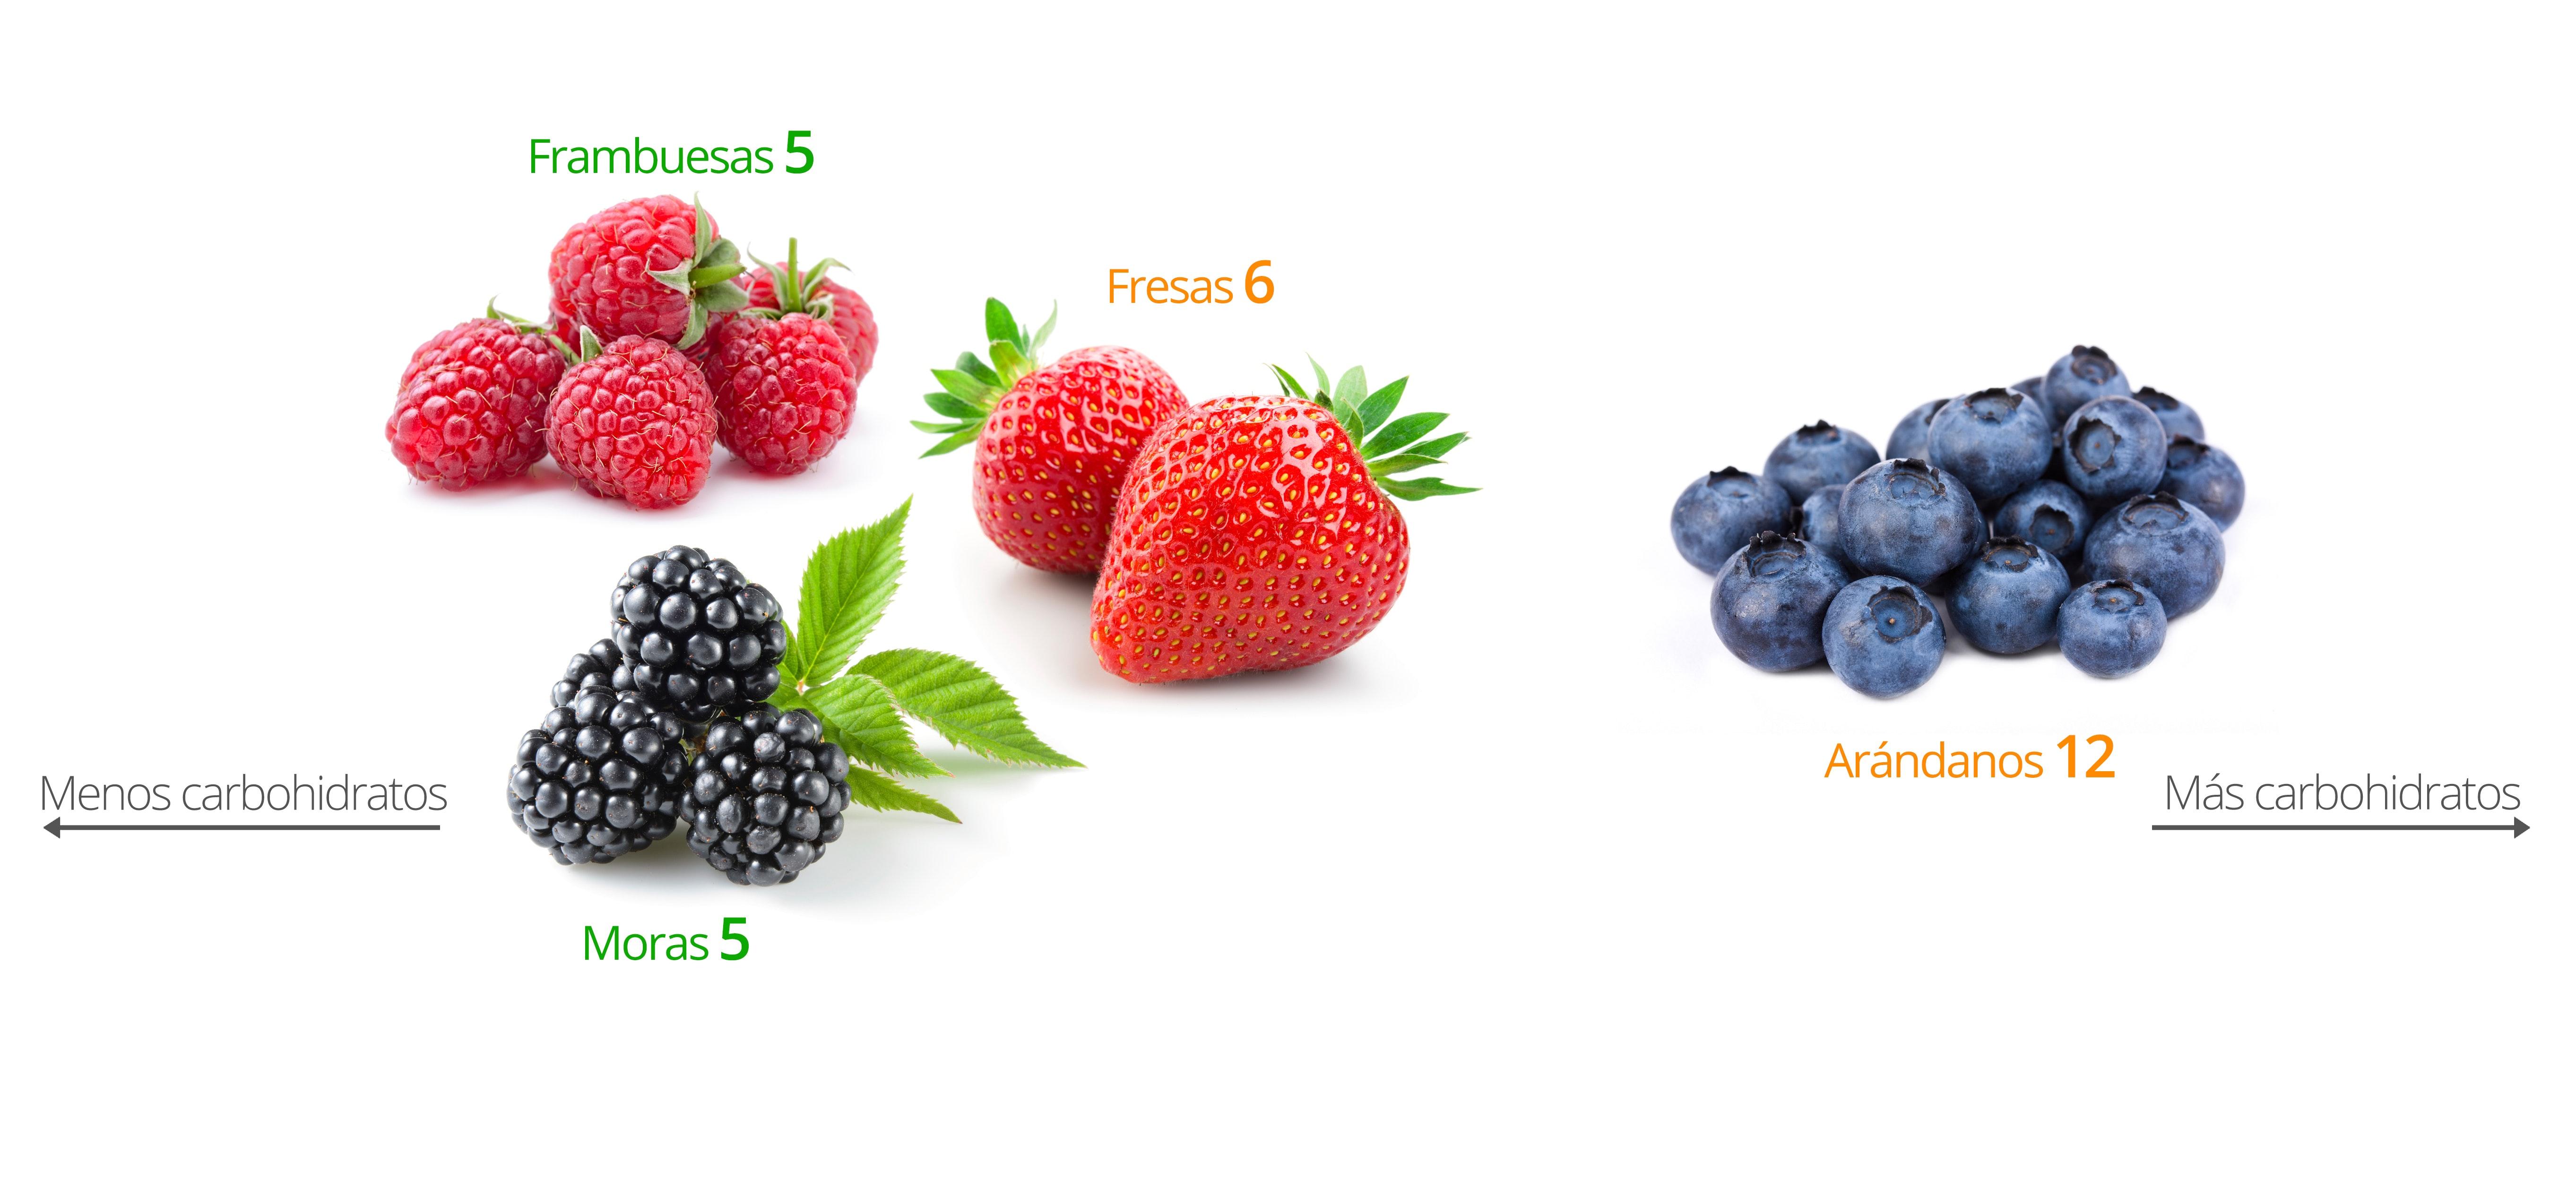 Que frutas pueden comer en la dieta keto